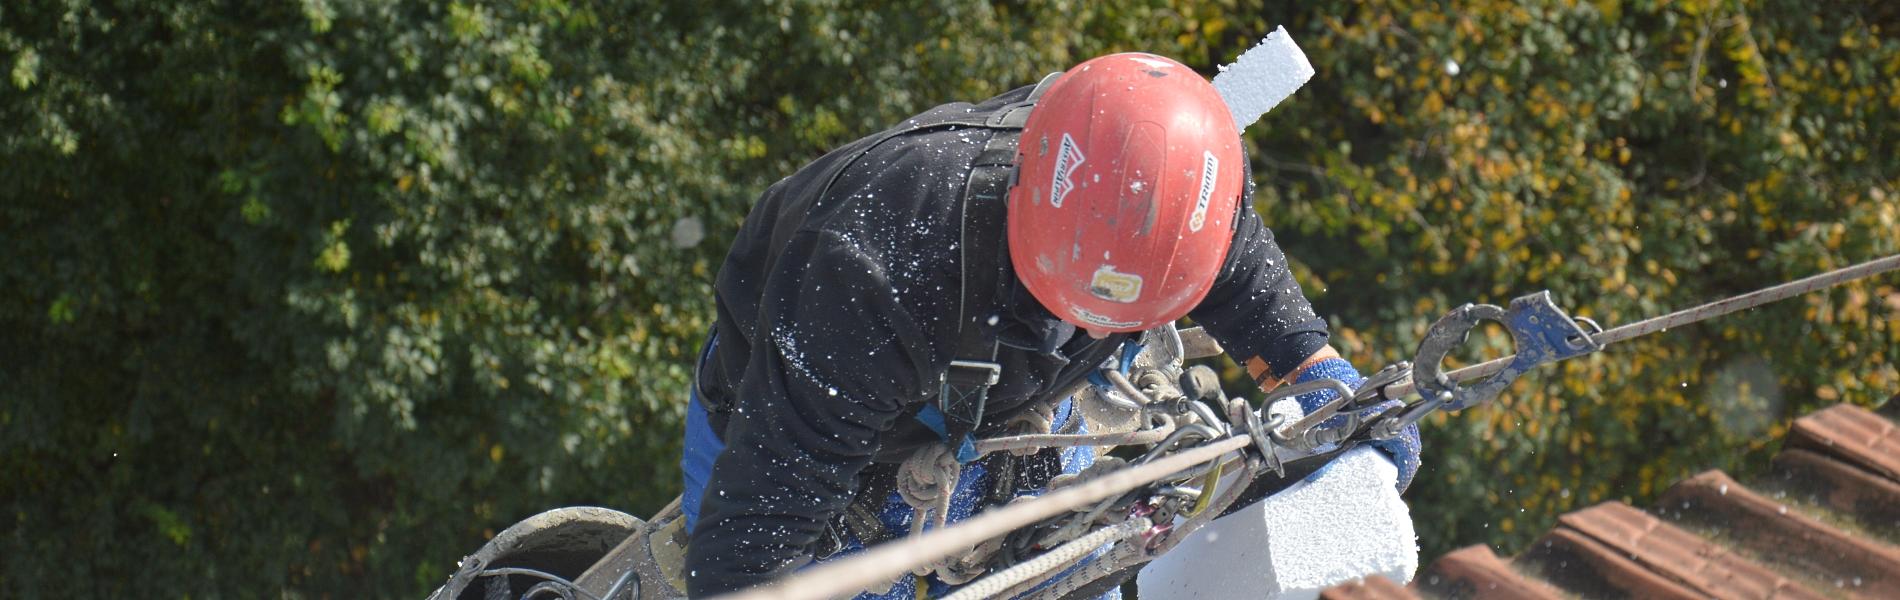 Обрізка аварійних дерев в Луцьку